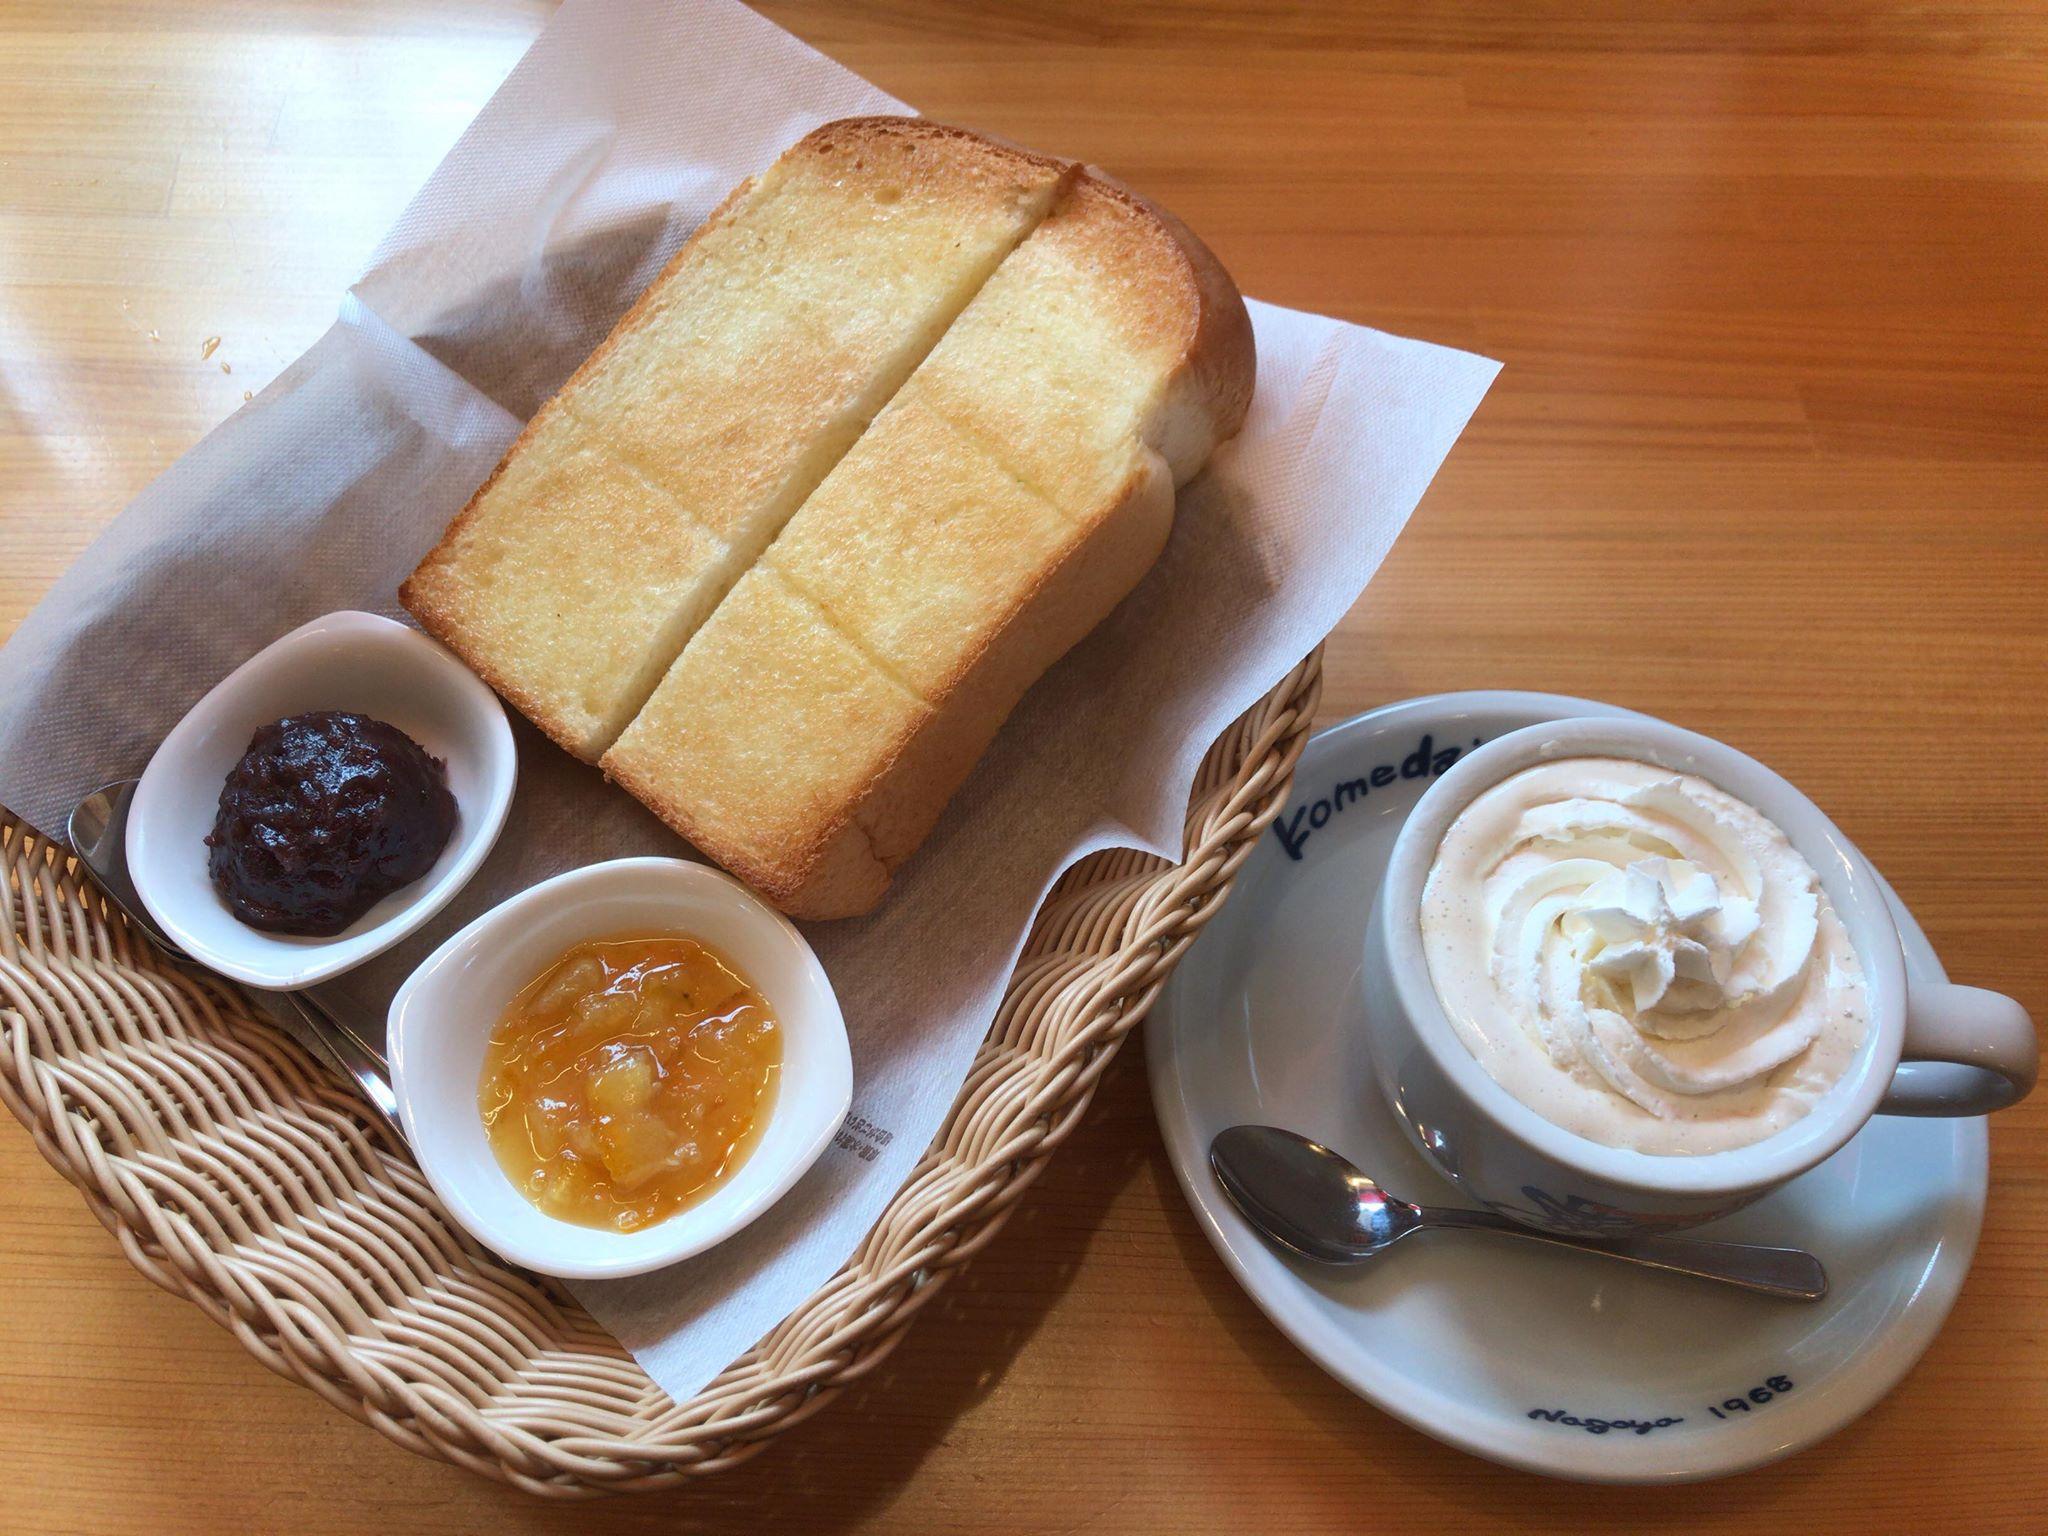 コメダ珈琲の「選べるモーニング」に「無茶々園の伊予柑マーマレード」が期間限定で追加されたので食べてみた!